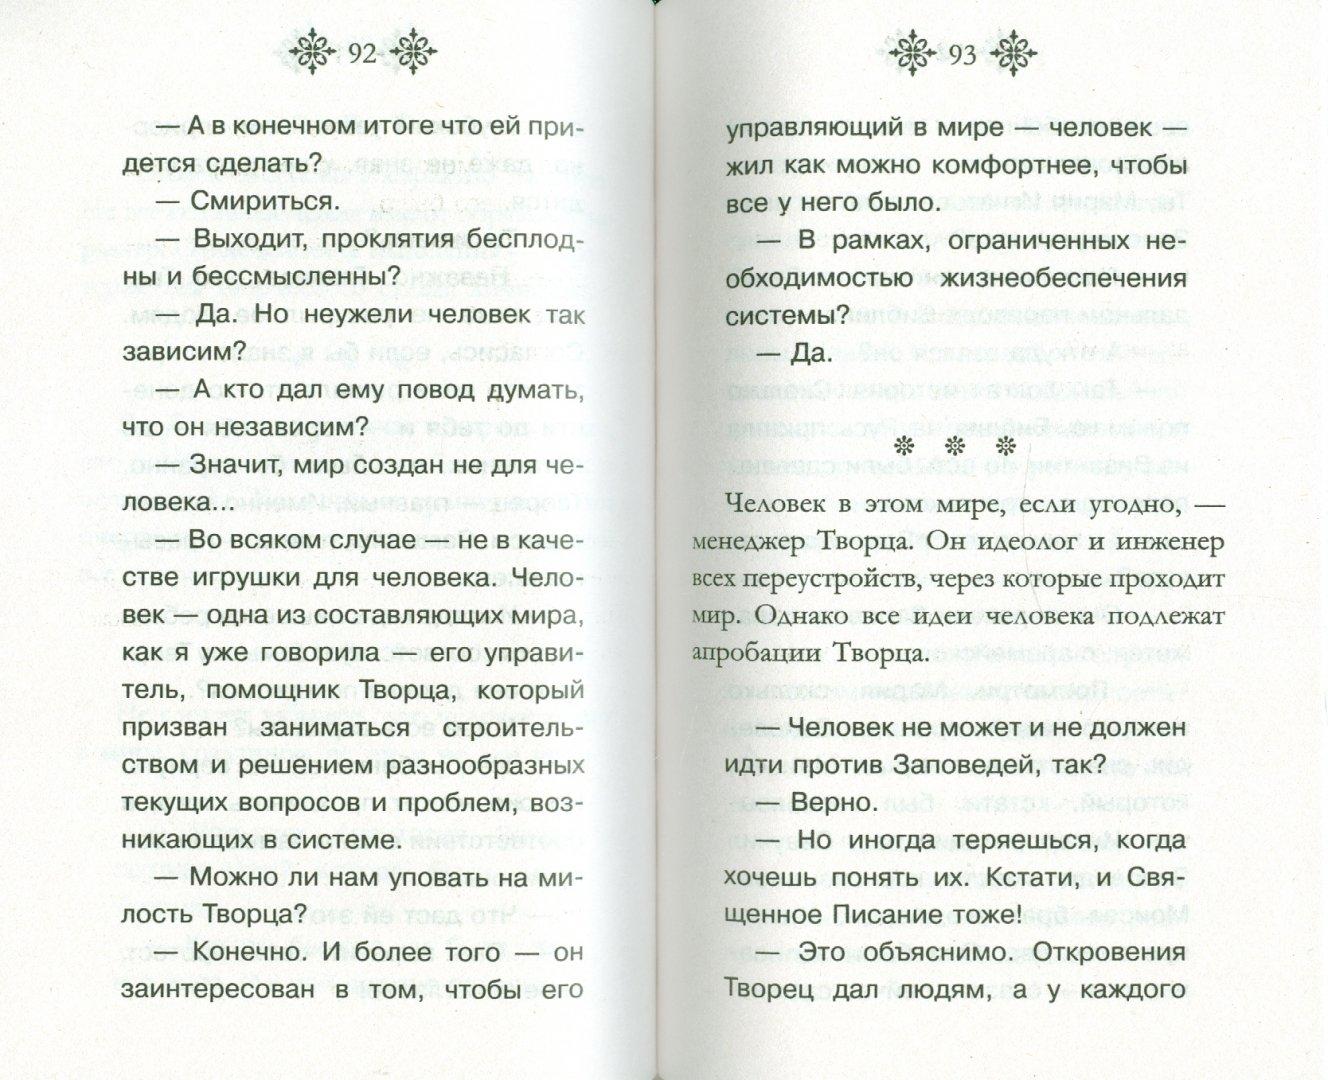 Иллюстрация 1 из 6 для Заветы Анастасии, или Так говорит Анастасия - Мария Игнатова | Лабиринт - книги. Источник: Лабиринт